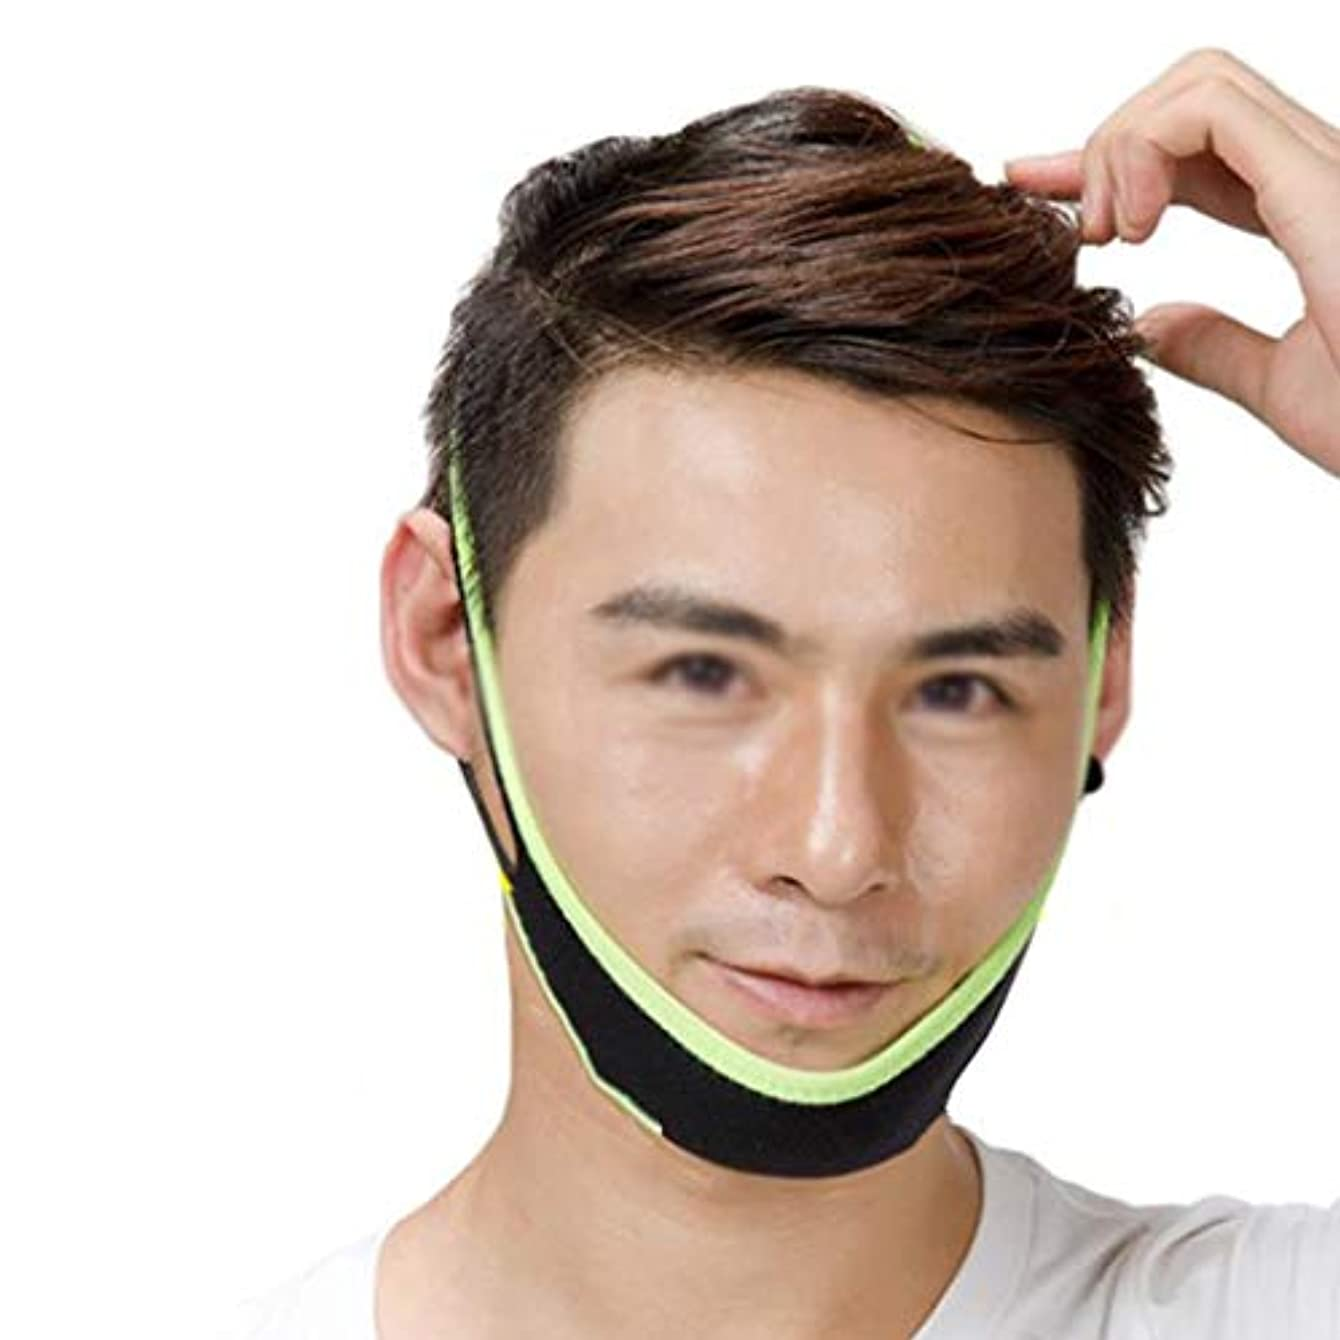 終了するヘア仕事に行くZWBD フェイスマスク, マスクアーチファクトアーティファクトリフティングマッサージアーティファクト付き薄い顔の包帯メンズスペシャルスリープスモールVフェイス